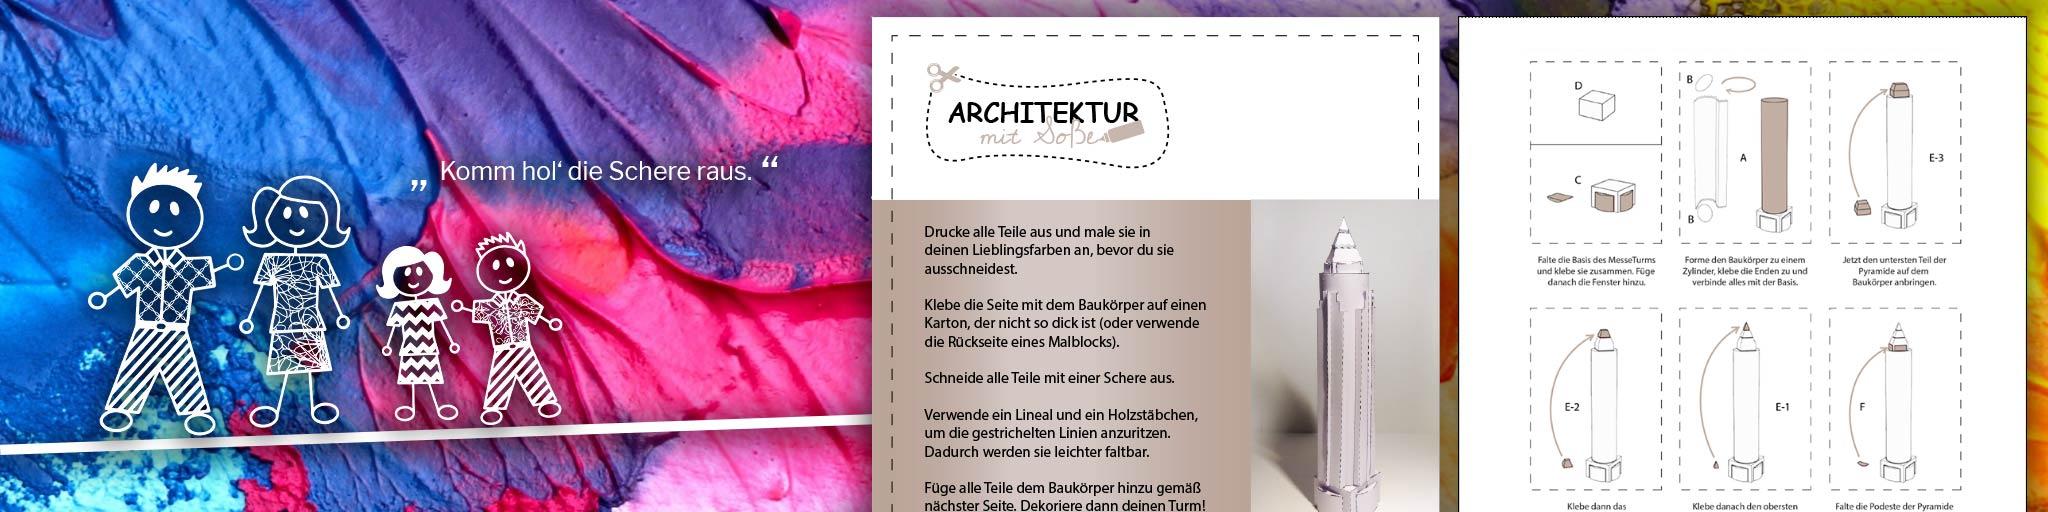 Architektur mit Soße - Frankfurt basteln - Architektur Bastelbogen - Bastelbögen Kinder - Wolkenkratzer basteln - Hochhaus kostenfrei basteln